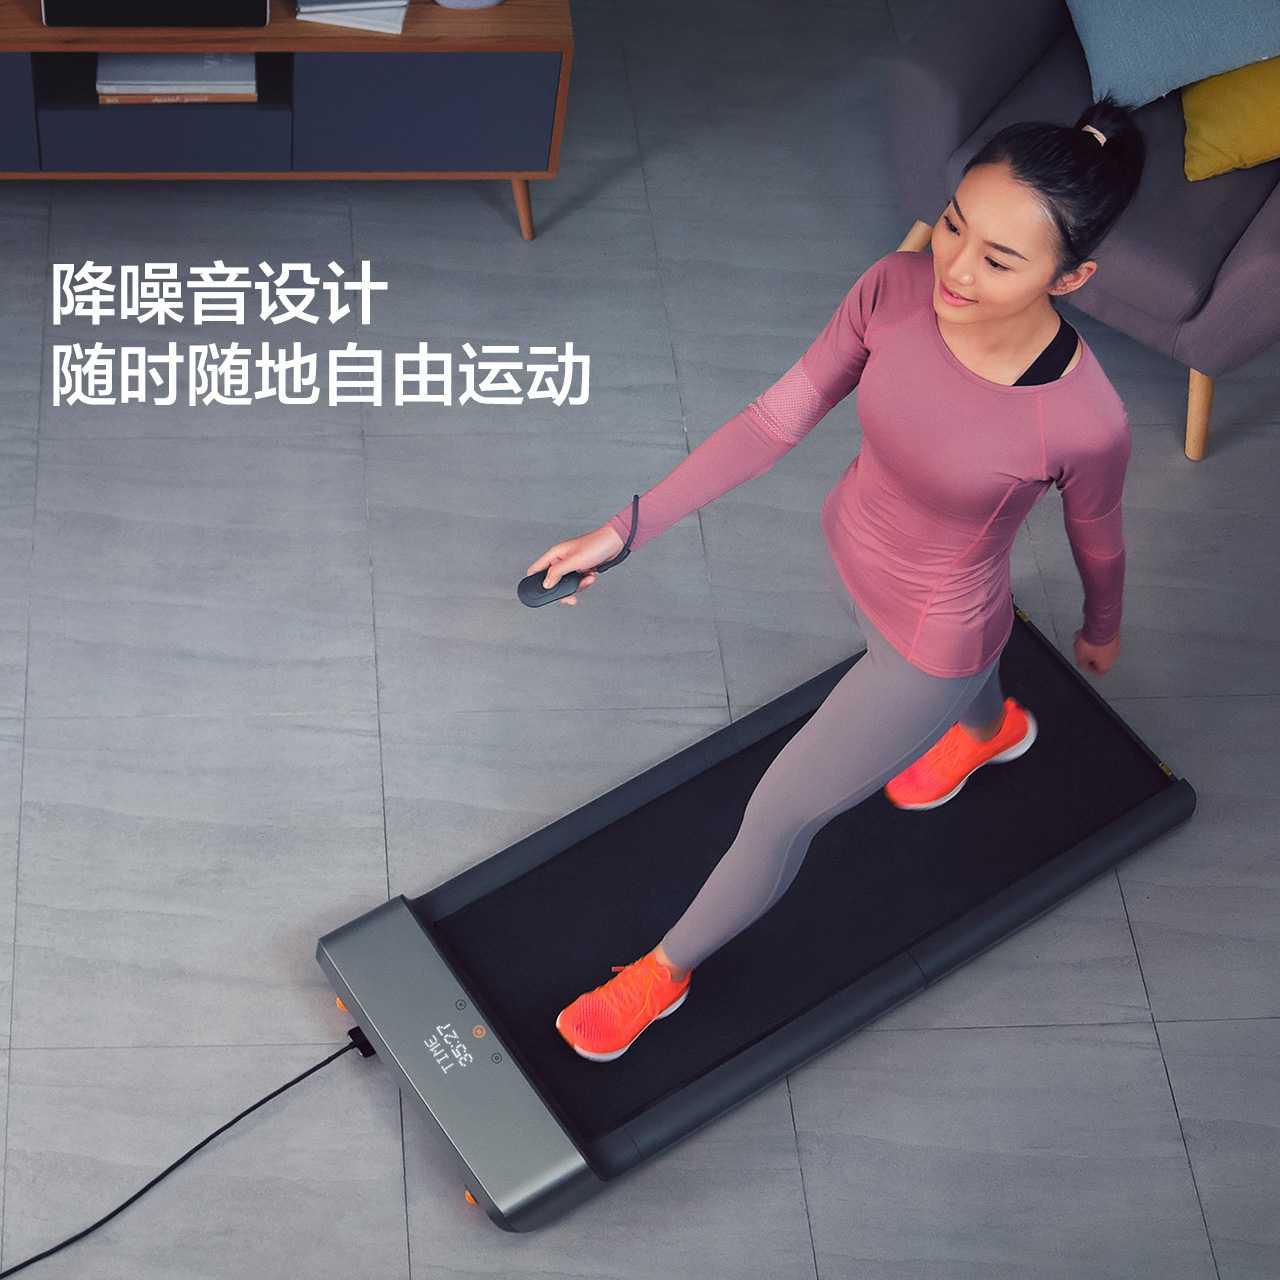 Беговая дорожка xiaomi walkingpad — умный тренажер от ксиоми